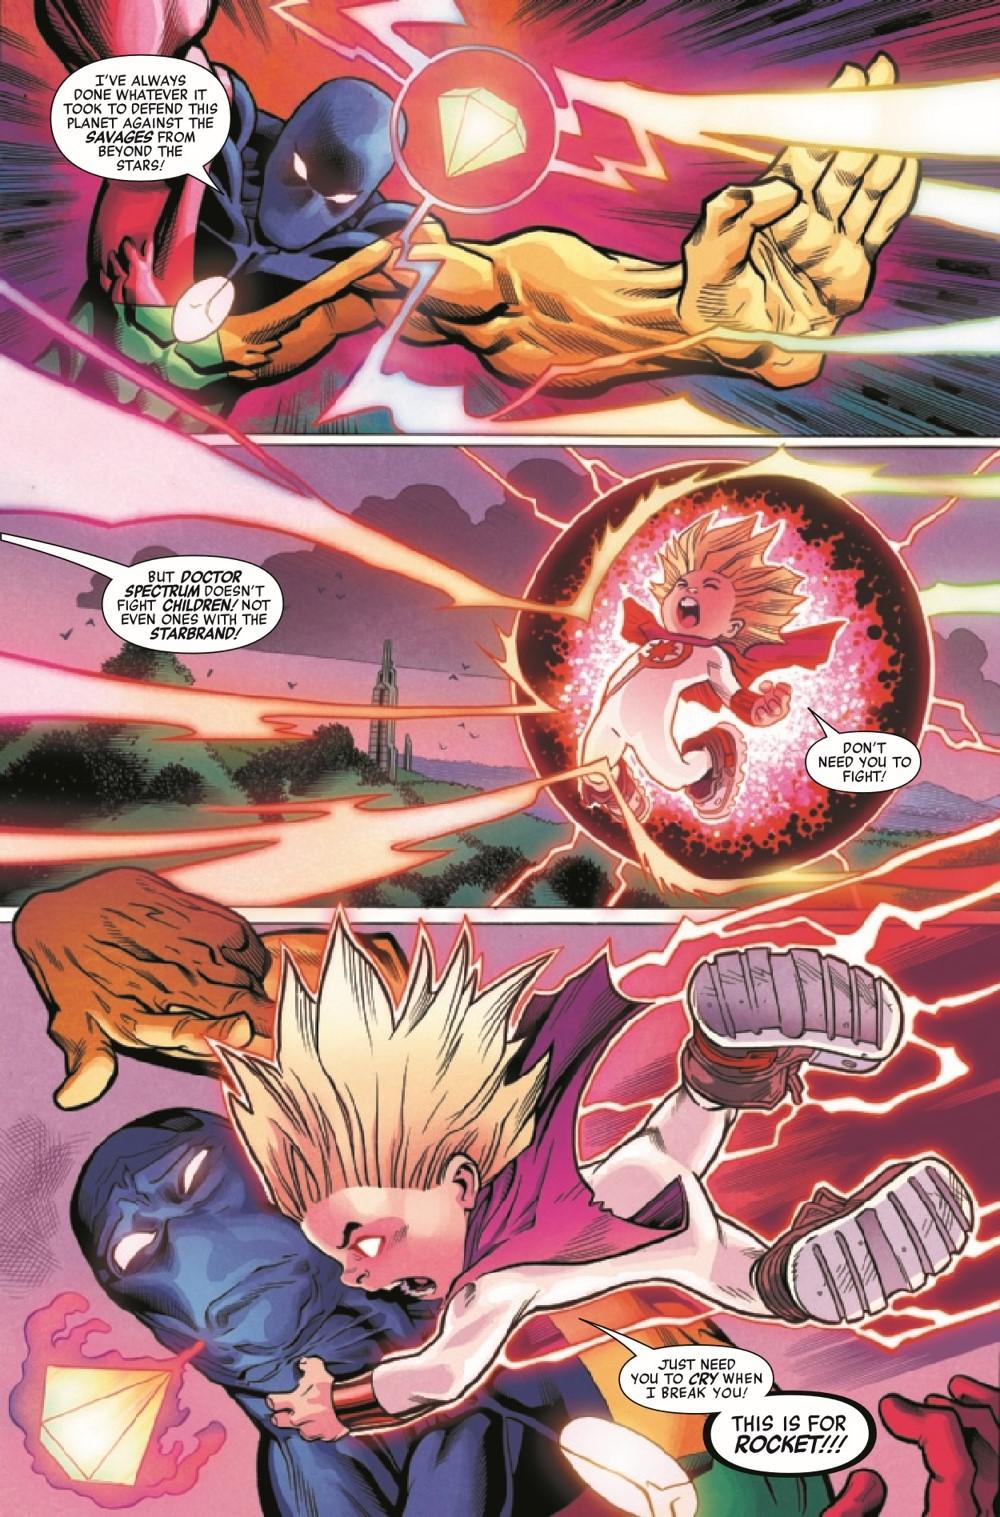 HEROESRETURN2021001_Preview-4 ComicList Previews: HEROES RETURN #1